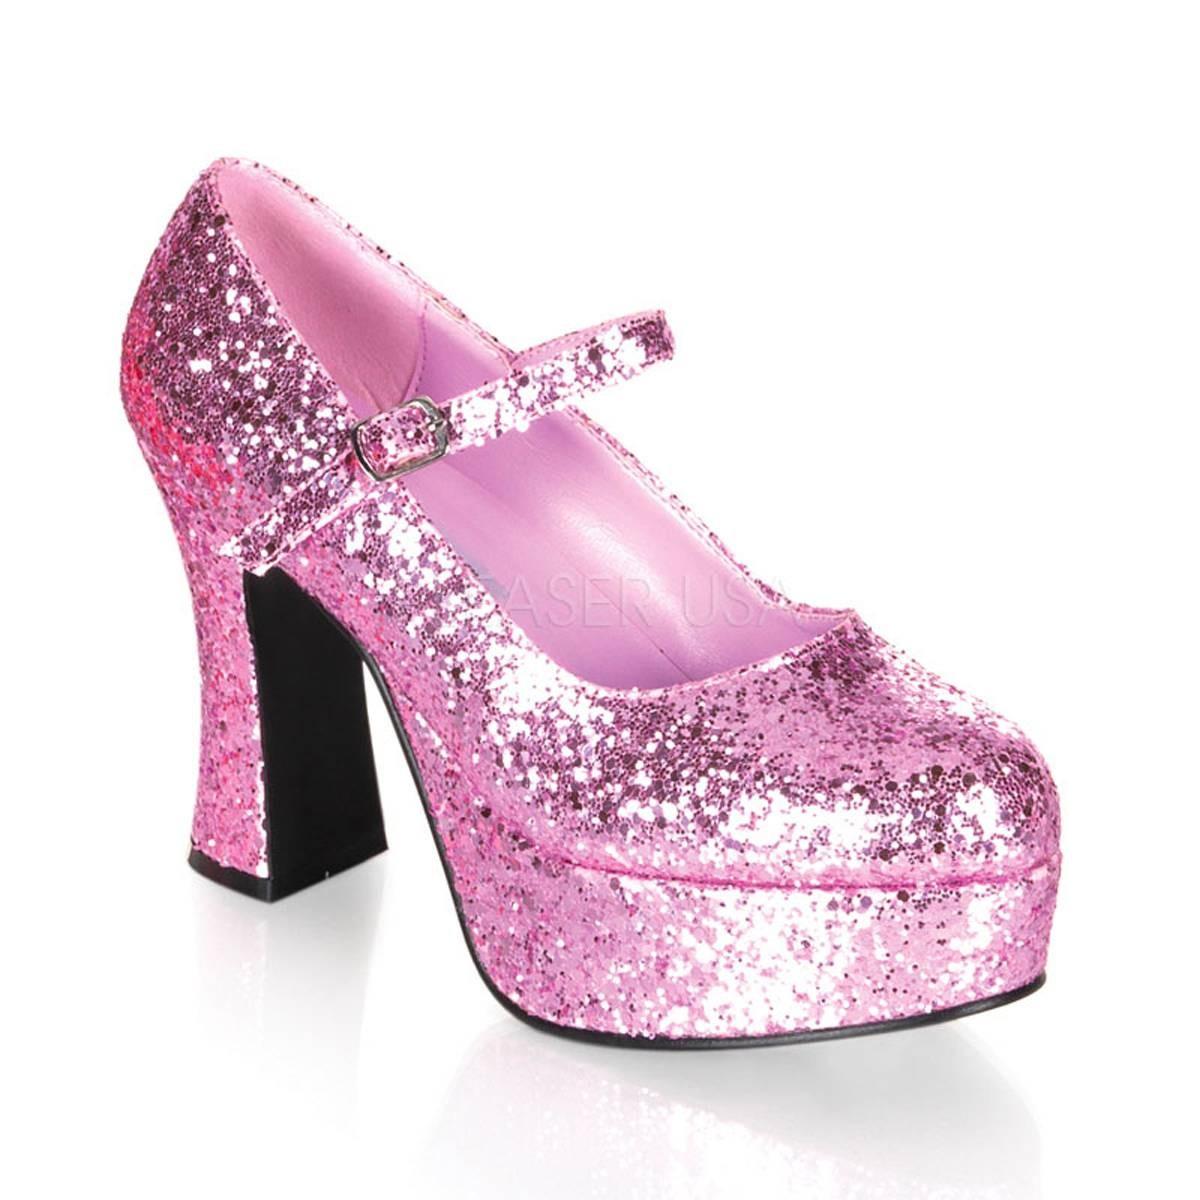 Pumps - MARYJANE 50G ° Damen Pumps ° Pink Glitter ° Funtasma  - Onlineshop RedSixty